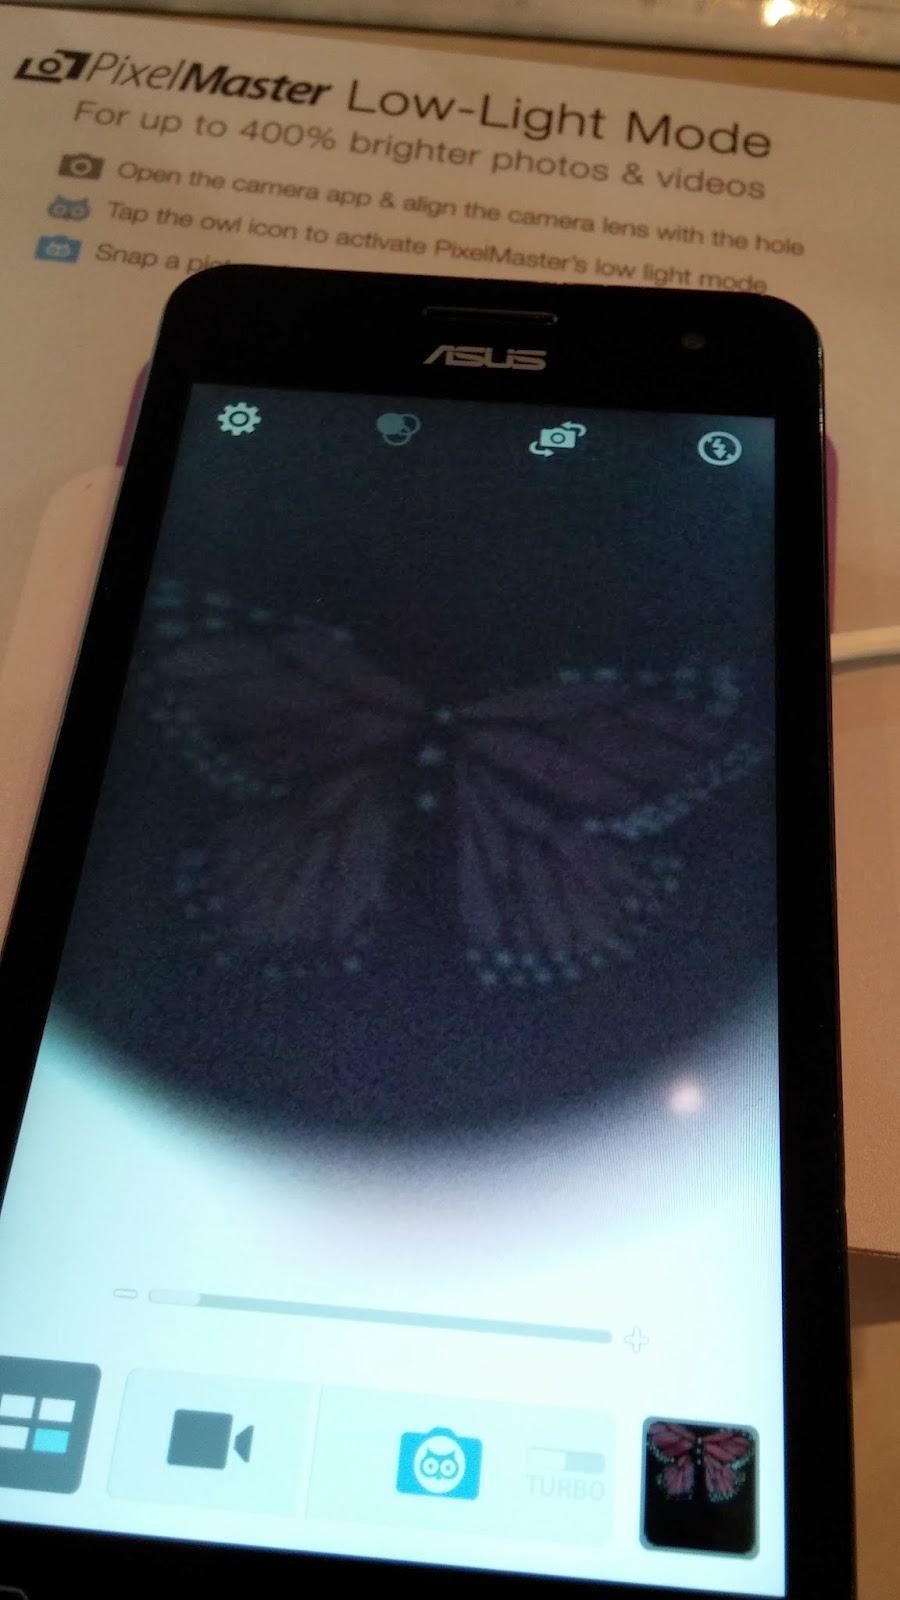 Nueva tecnología de baja luminosidad de Asus, Pixelmaster